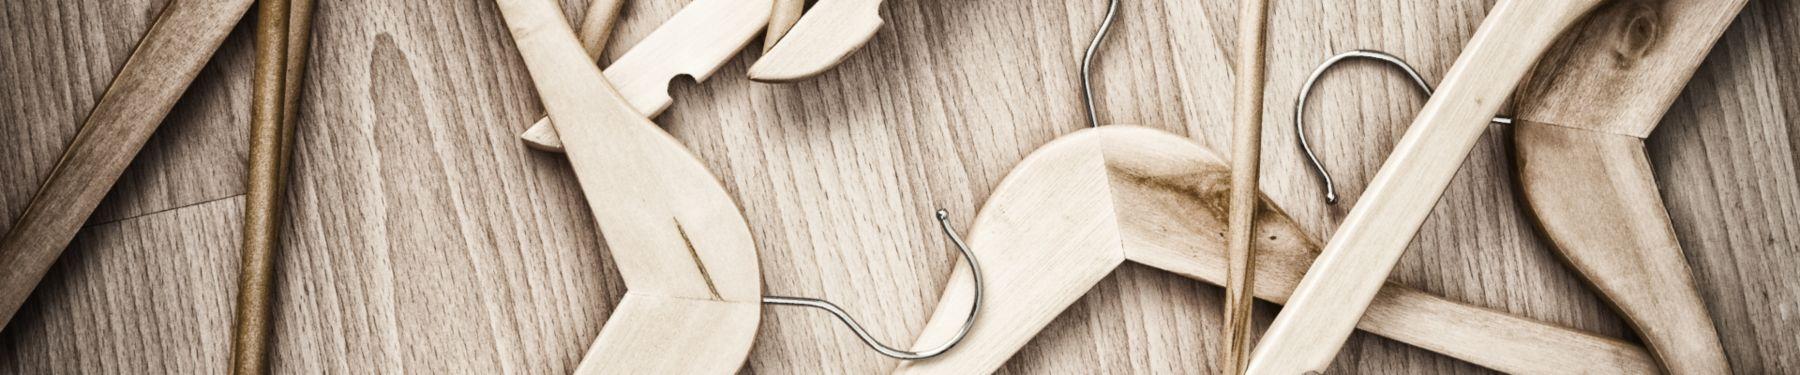 Morplan - Wooden Hangers